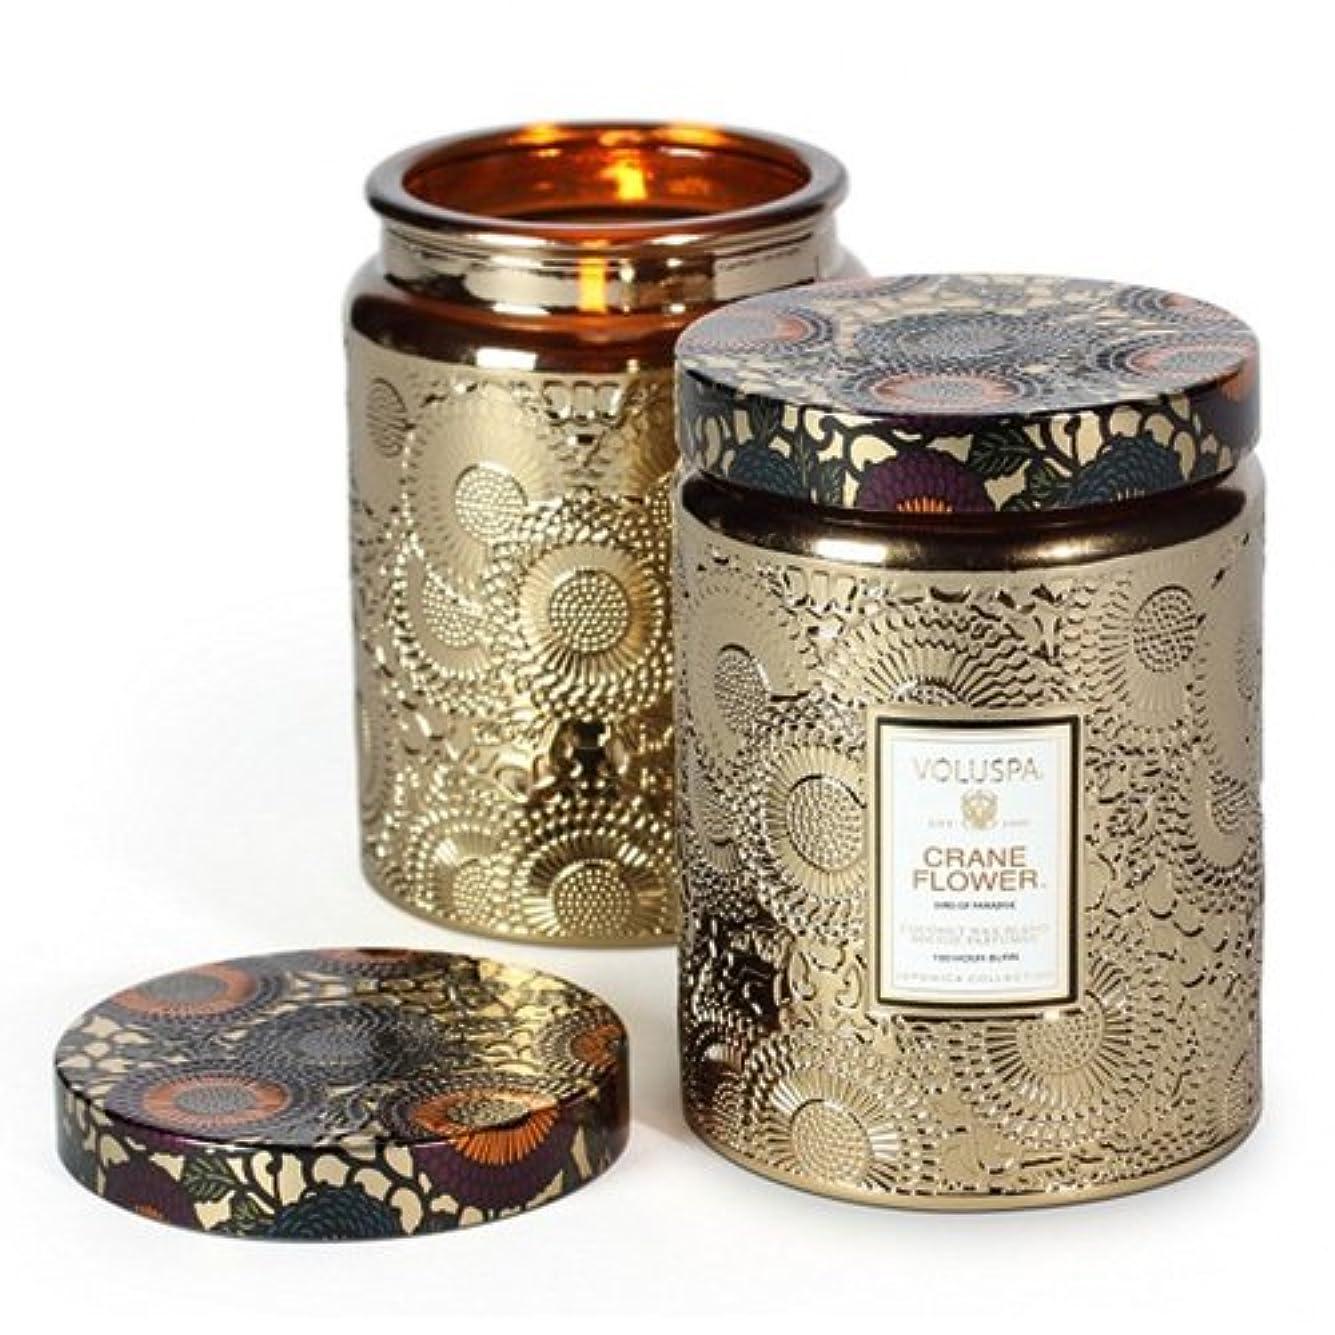 スクラブ切り離すいわゆるVoluspa ボルスパ ジャポニカ グラスジャーキャンドル L クレーンフラワー JAPONICA Glass jar candle CRANE FLOWER